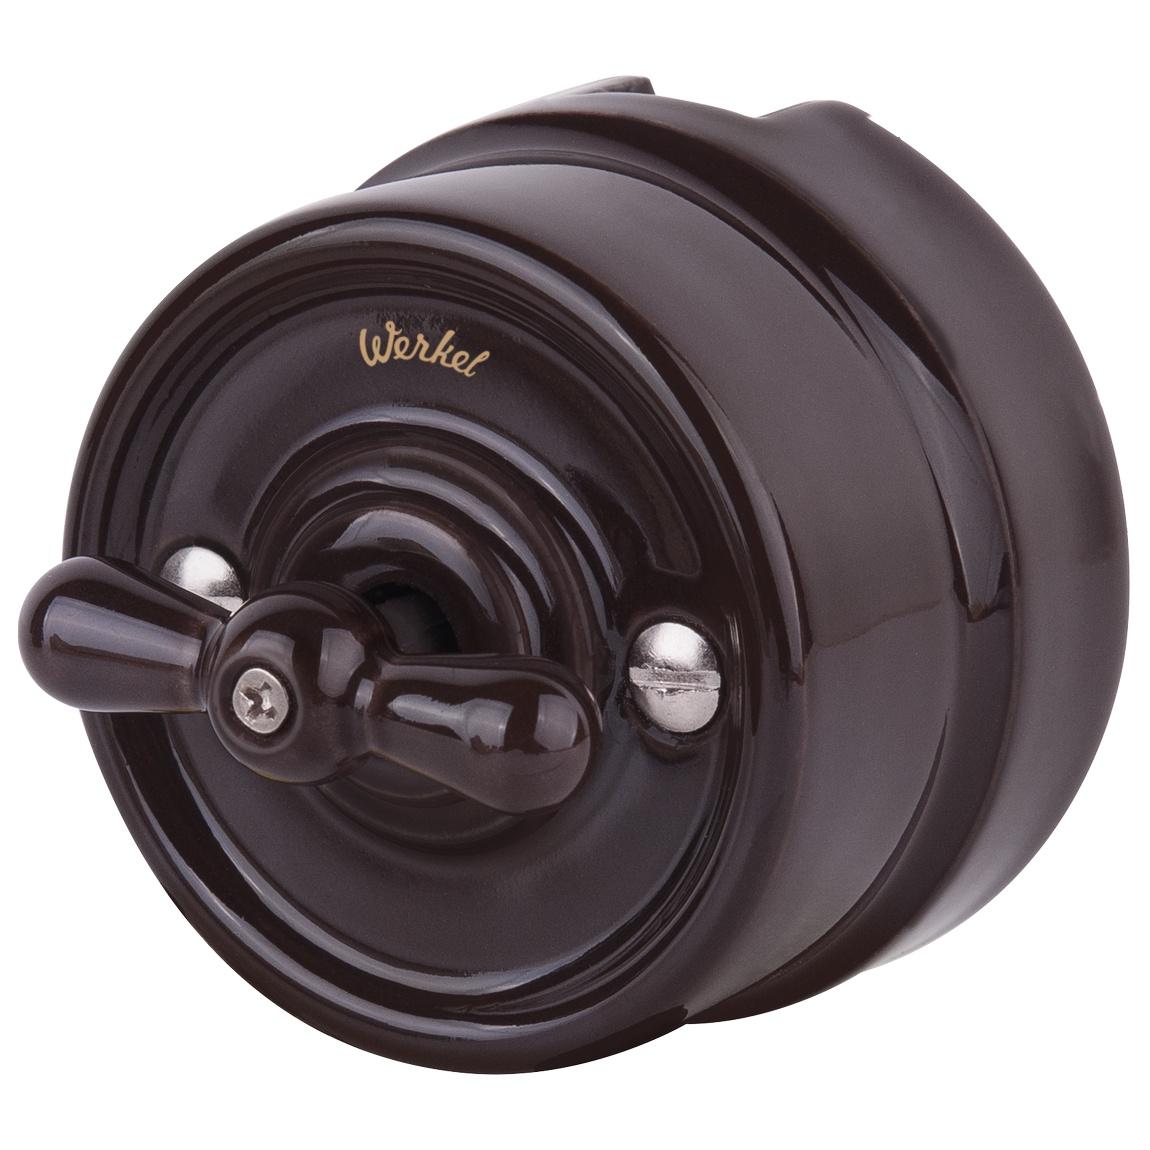 WL18-01-05/ Выключатель на 4 положения двухклавишный (коричневый) Ретро цена и фото